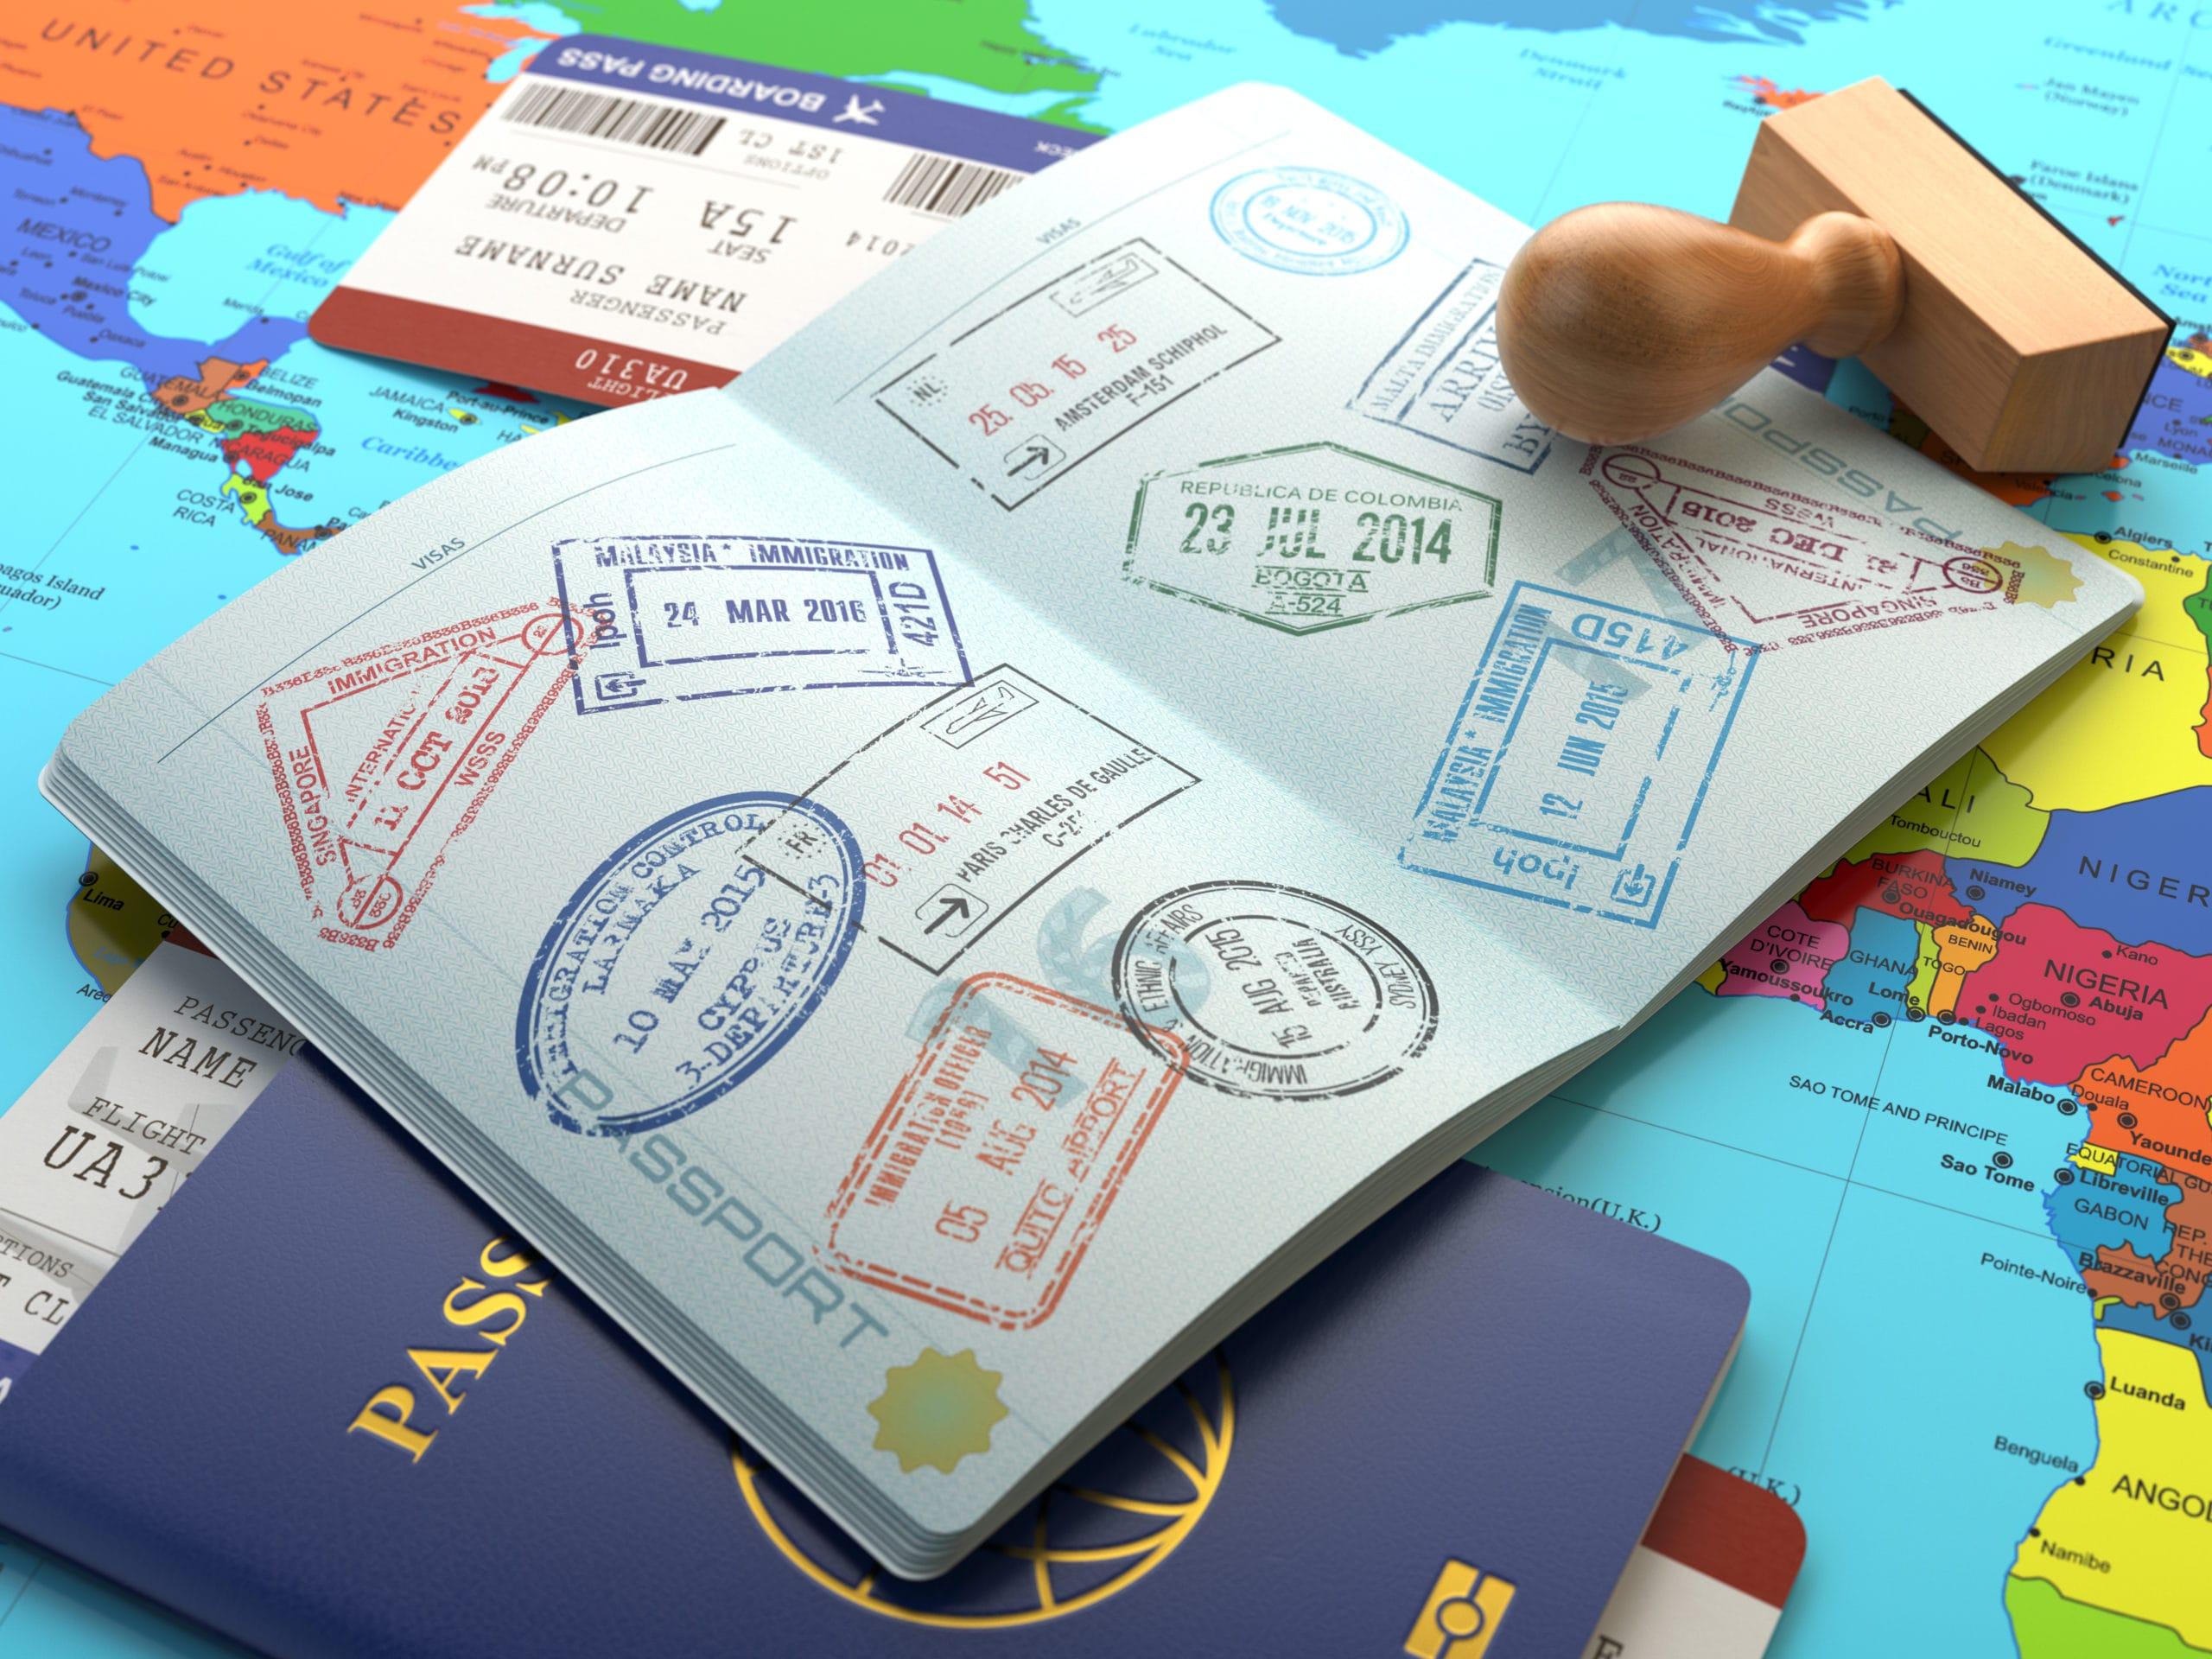 オーストラリア留学で必要なビザの種類